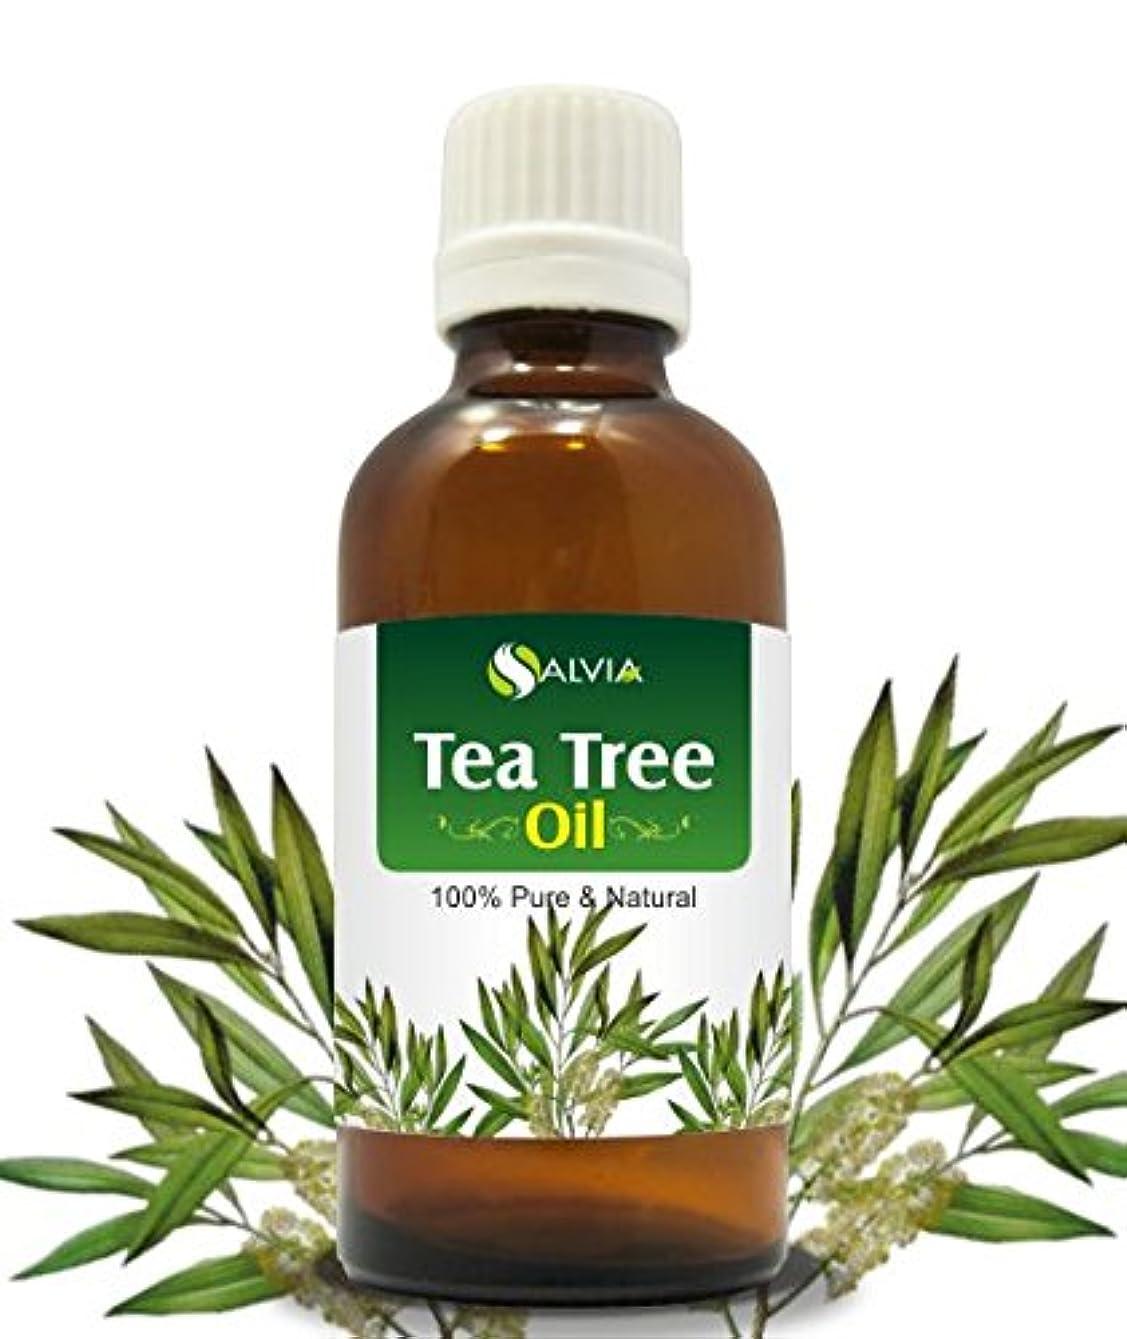 洞察力のあるミニチュア赤道TEA TREE OIL 100% NATURAL PURE UNDILUTED UNCUT ESSENTIAL OIL 15ML